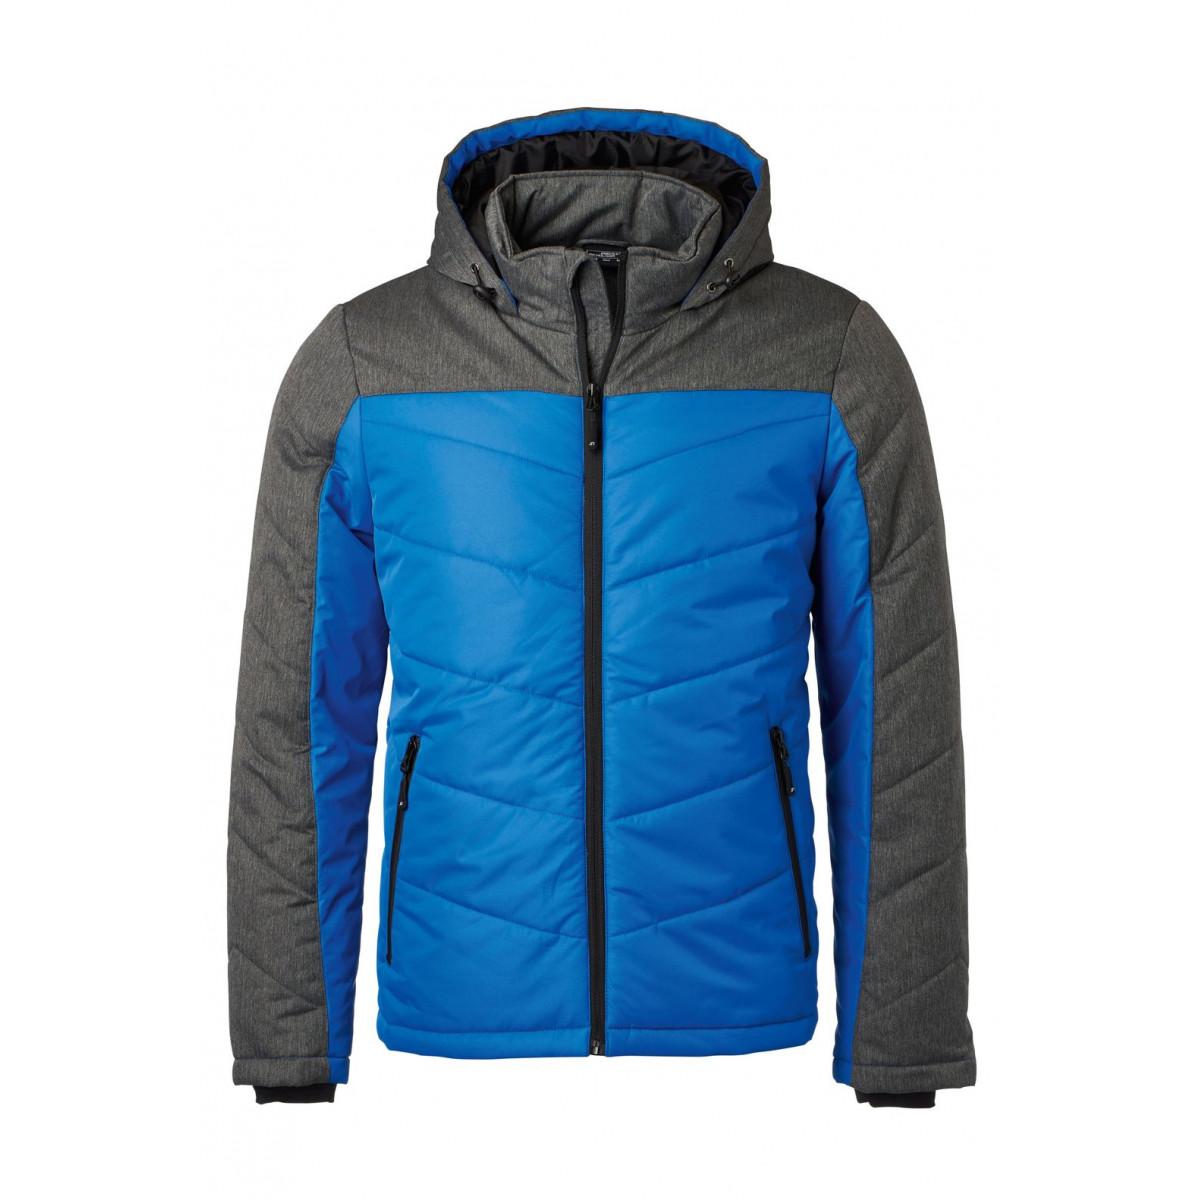 Куртка мужская JN1134 Mens Winter Jacket - Ярко-синий/Темно-серый меланж